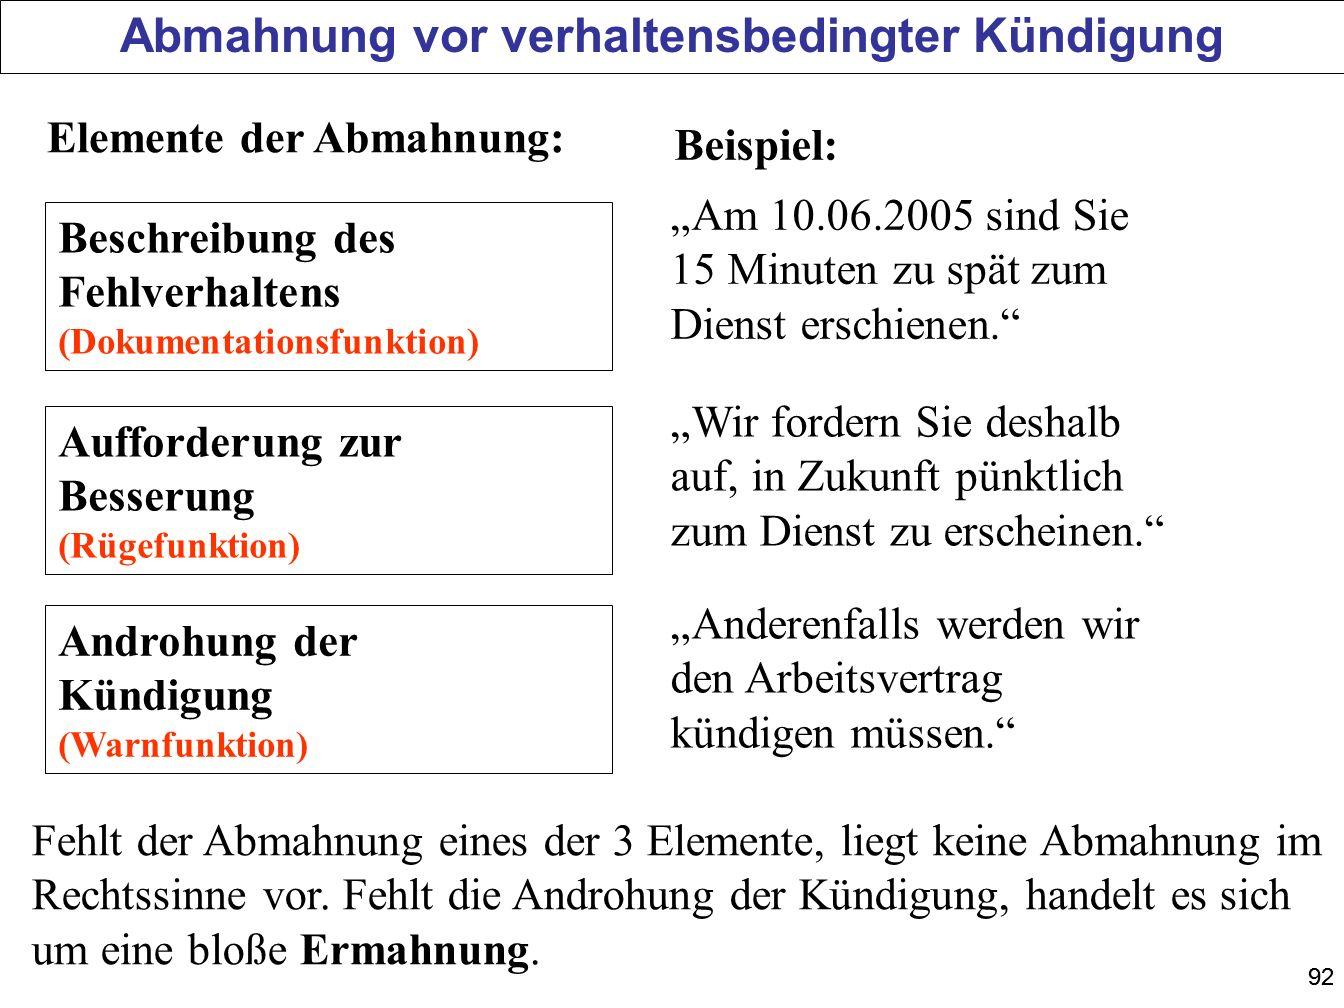 92 Beschreibung des Fehlverhaltens (Dokumentationsfunktion) Aufforderung zur Besserung (Rügefunktion) Androhung der Kündigung (Warnfunktion) Am 10.06.